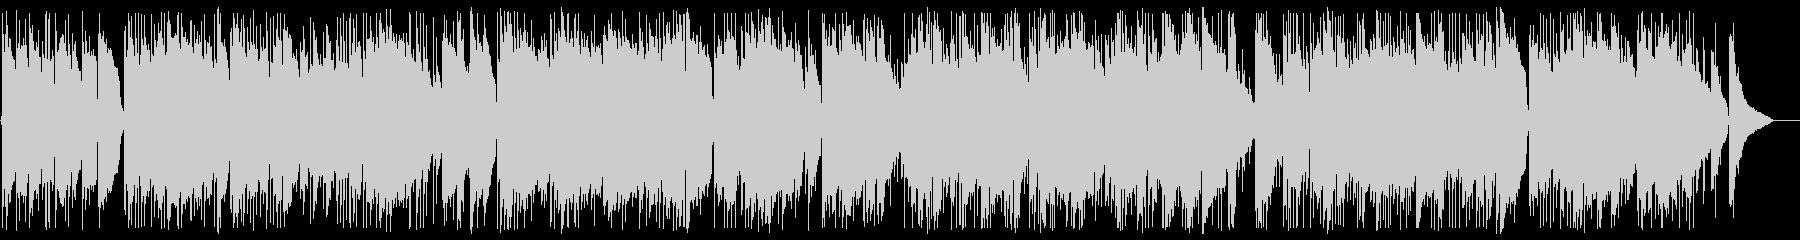 ギターデュオのリゾート系ヒーリングの未再生の波形